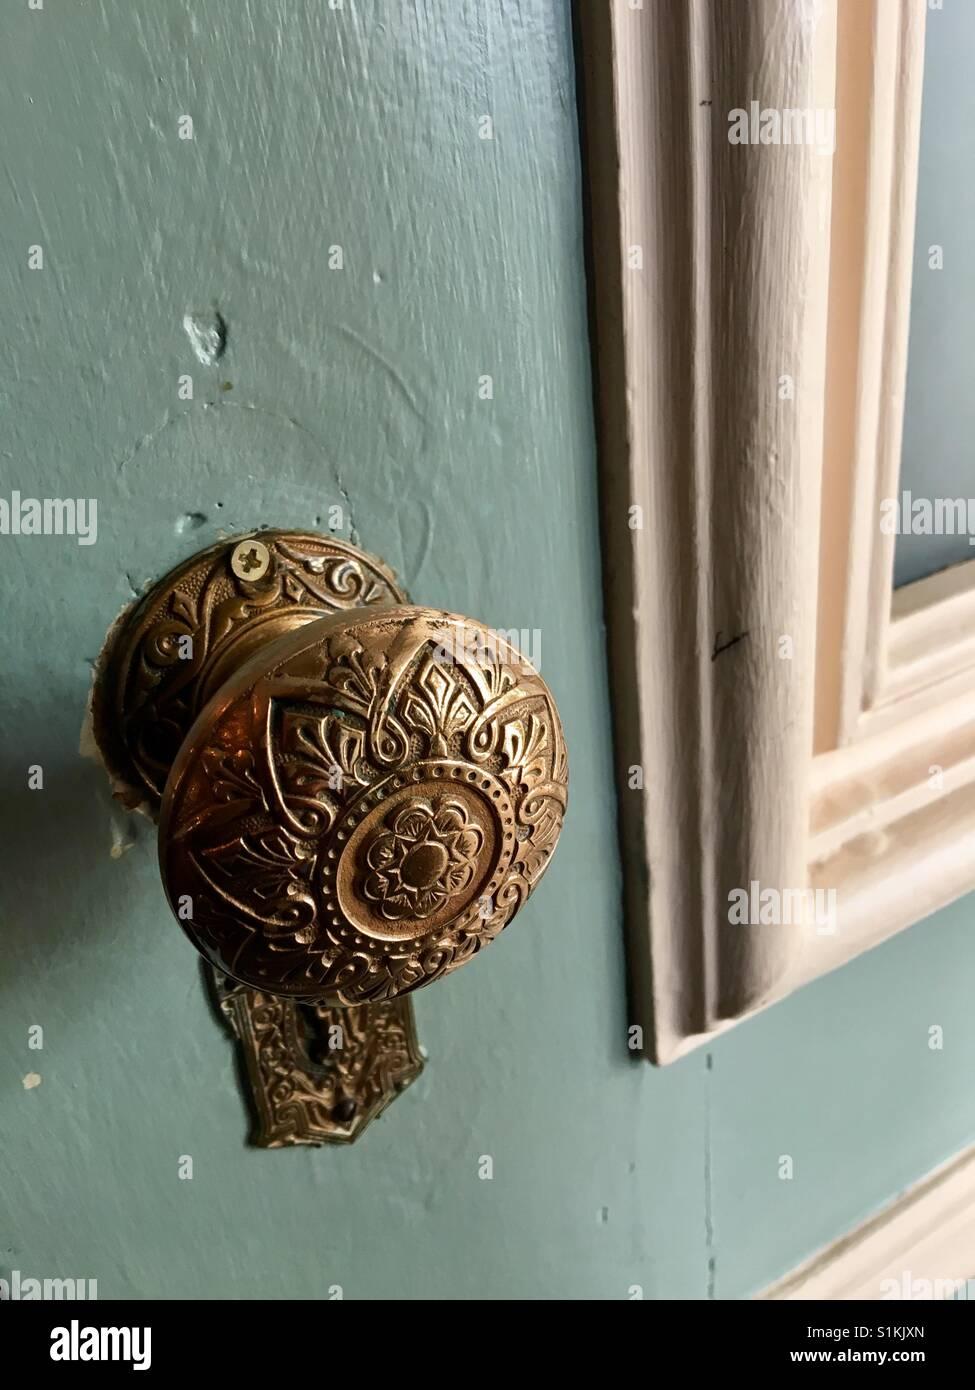 Antique door knob - Stock Image